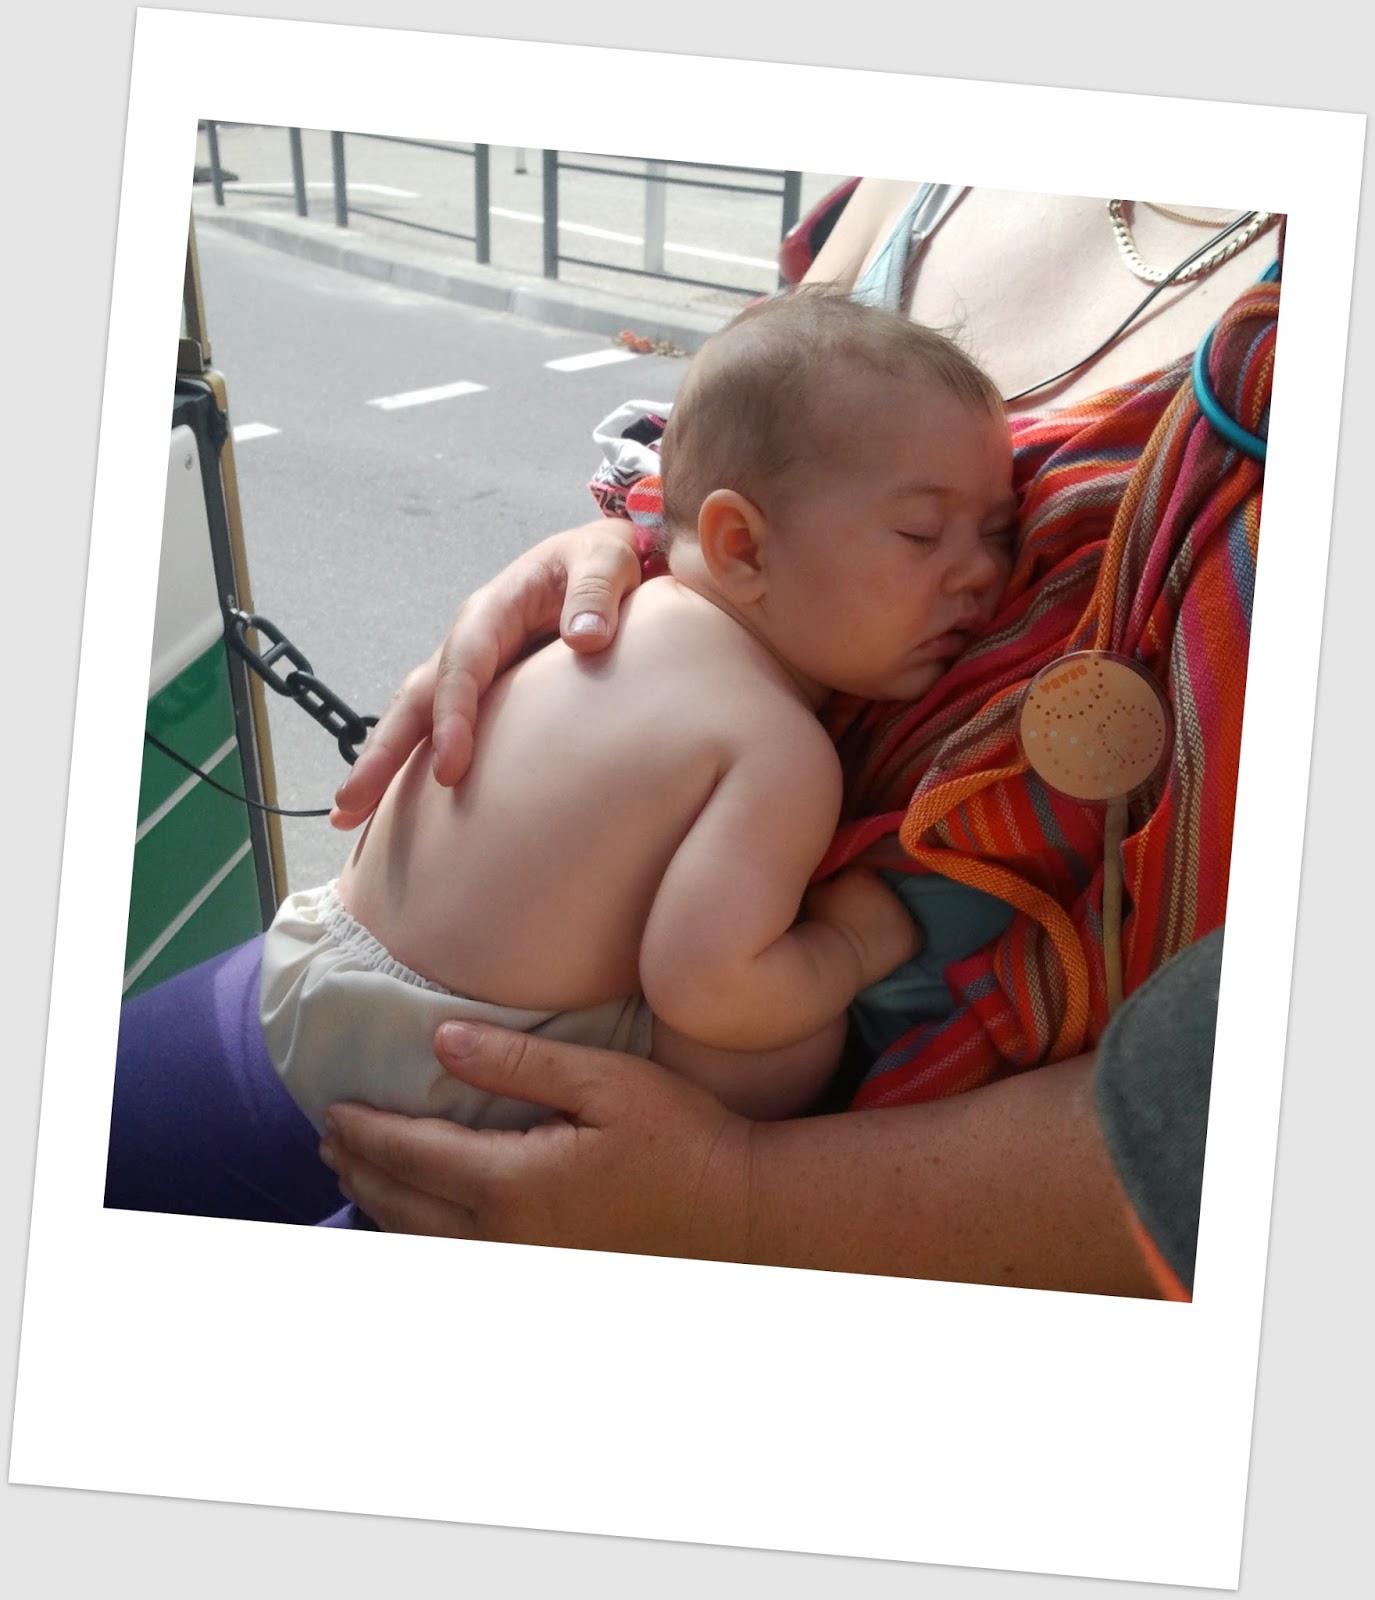 comboio portage ringsling néobulle porter sling babywearing train viagem